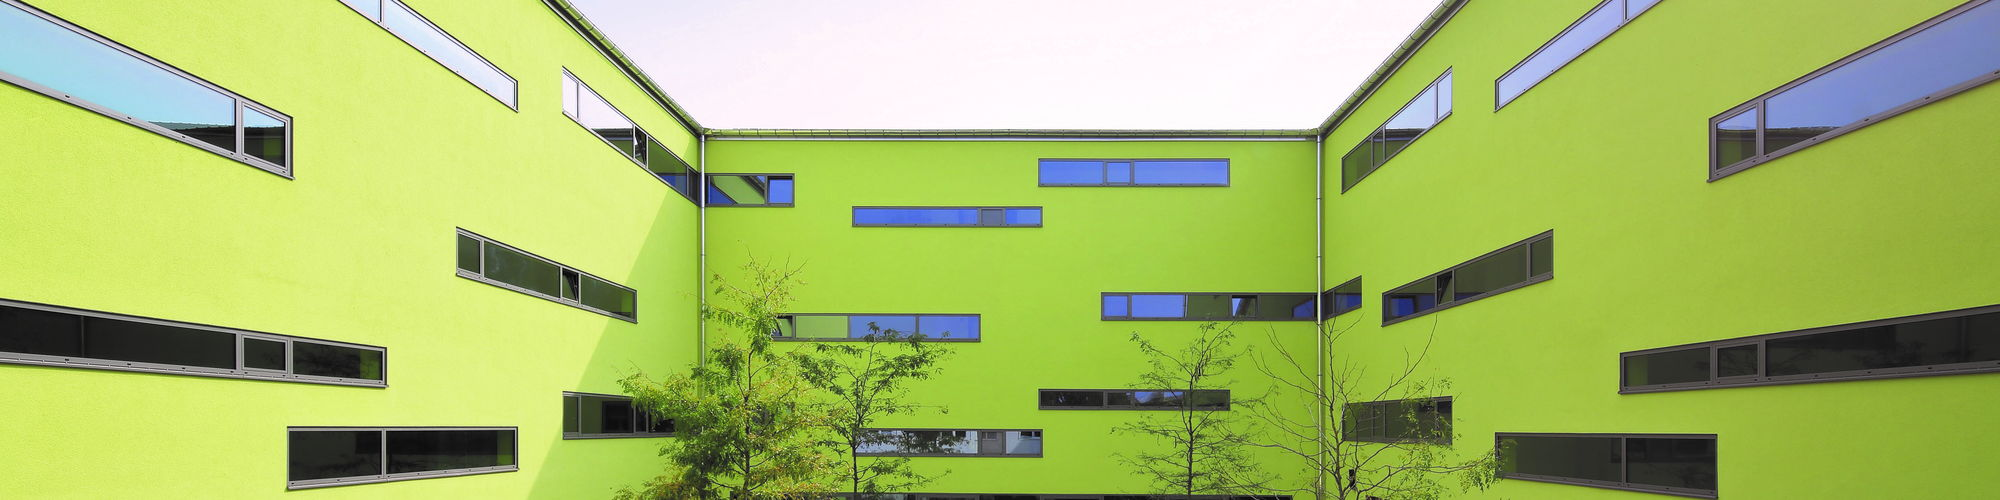 garnisch + werndle architekten GmbH